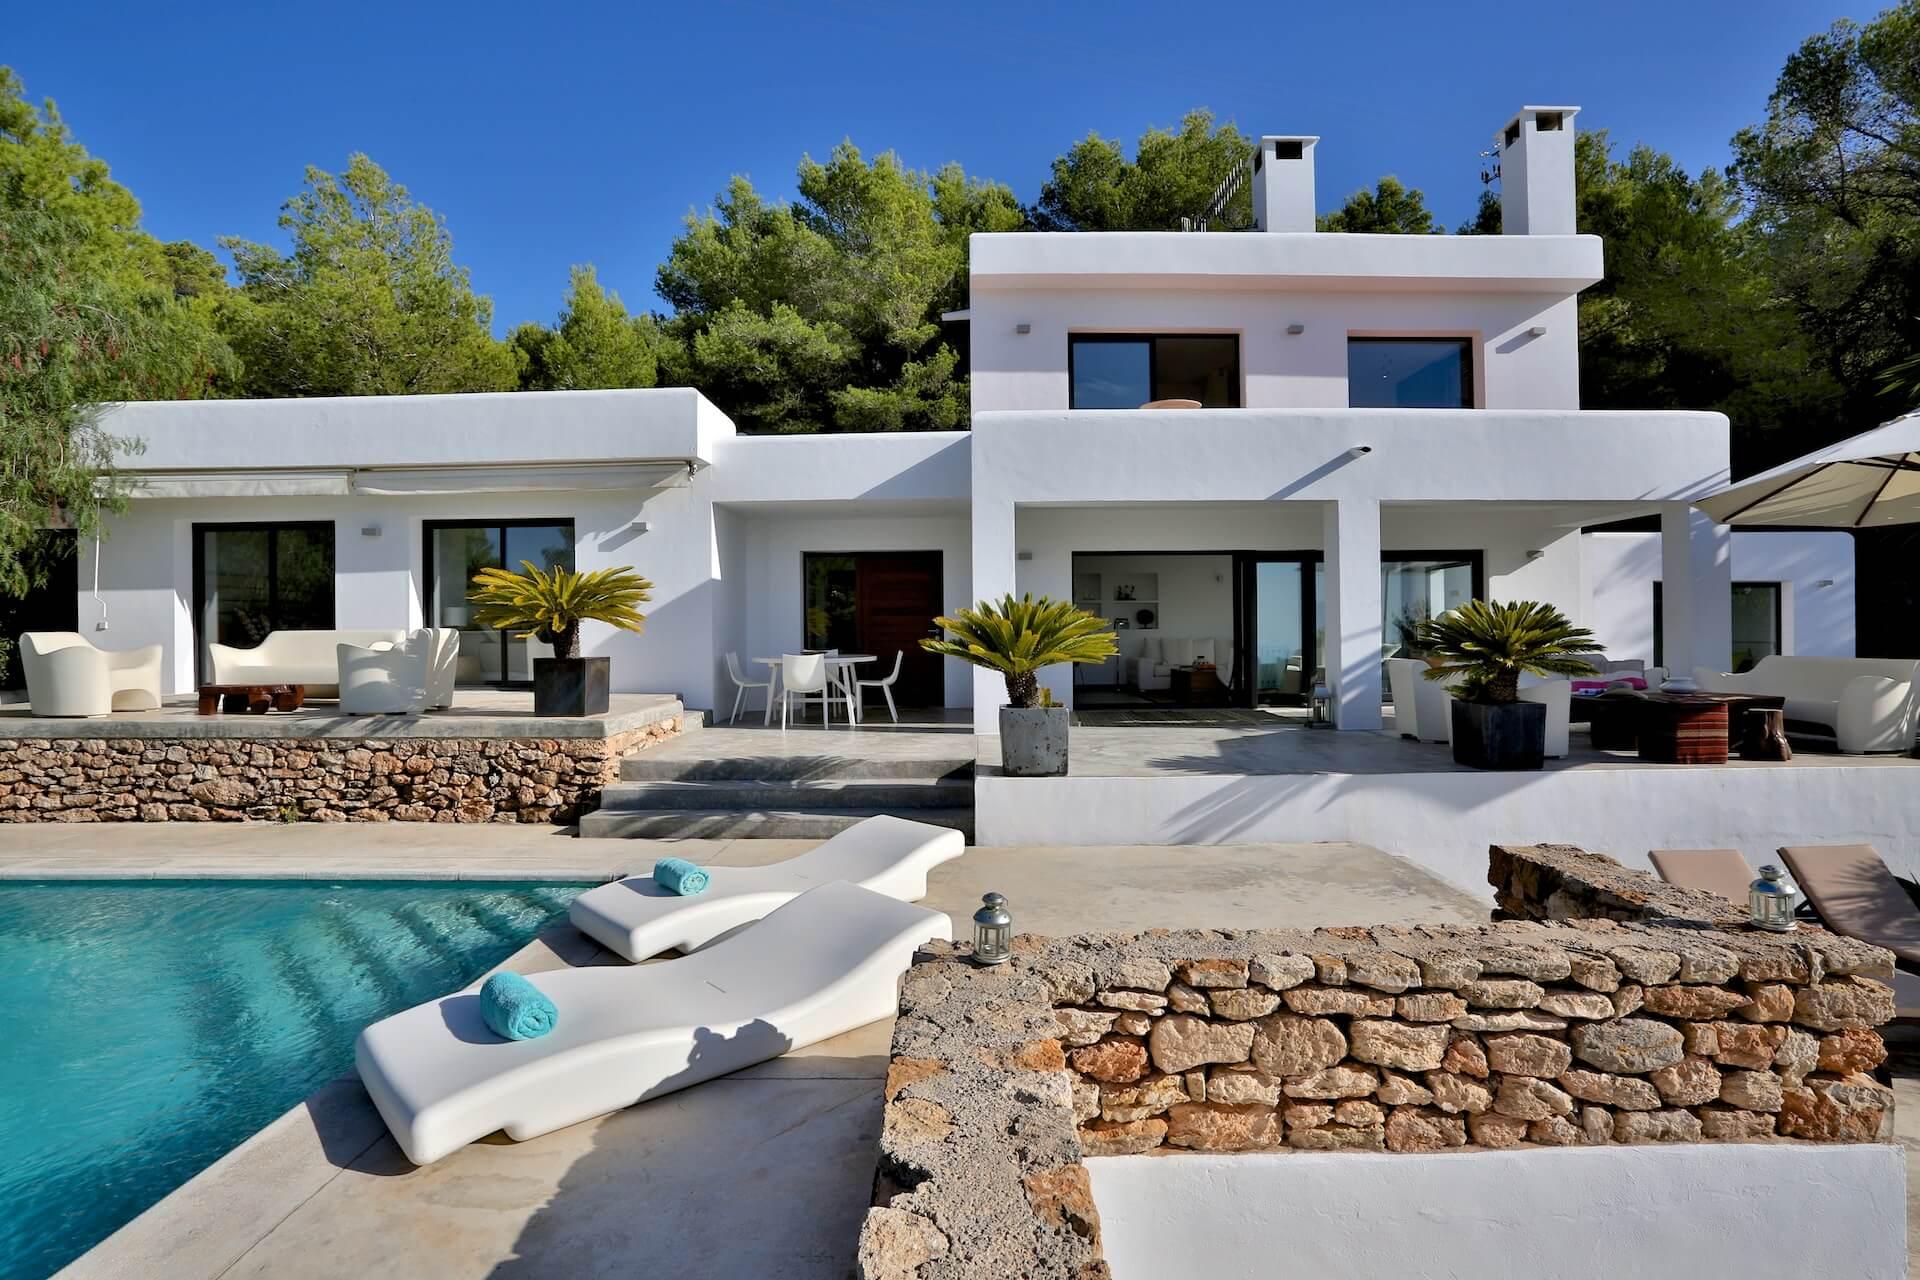 moderna villa vacacional con vistas al mar y puestas de sol ibiza style. Black Bedroom Furniture Sets. Home Design Ideas